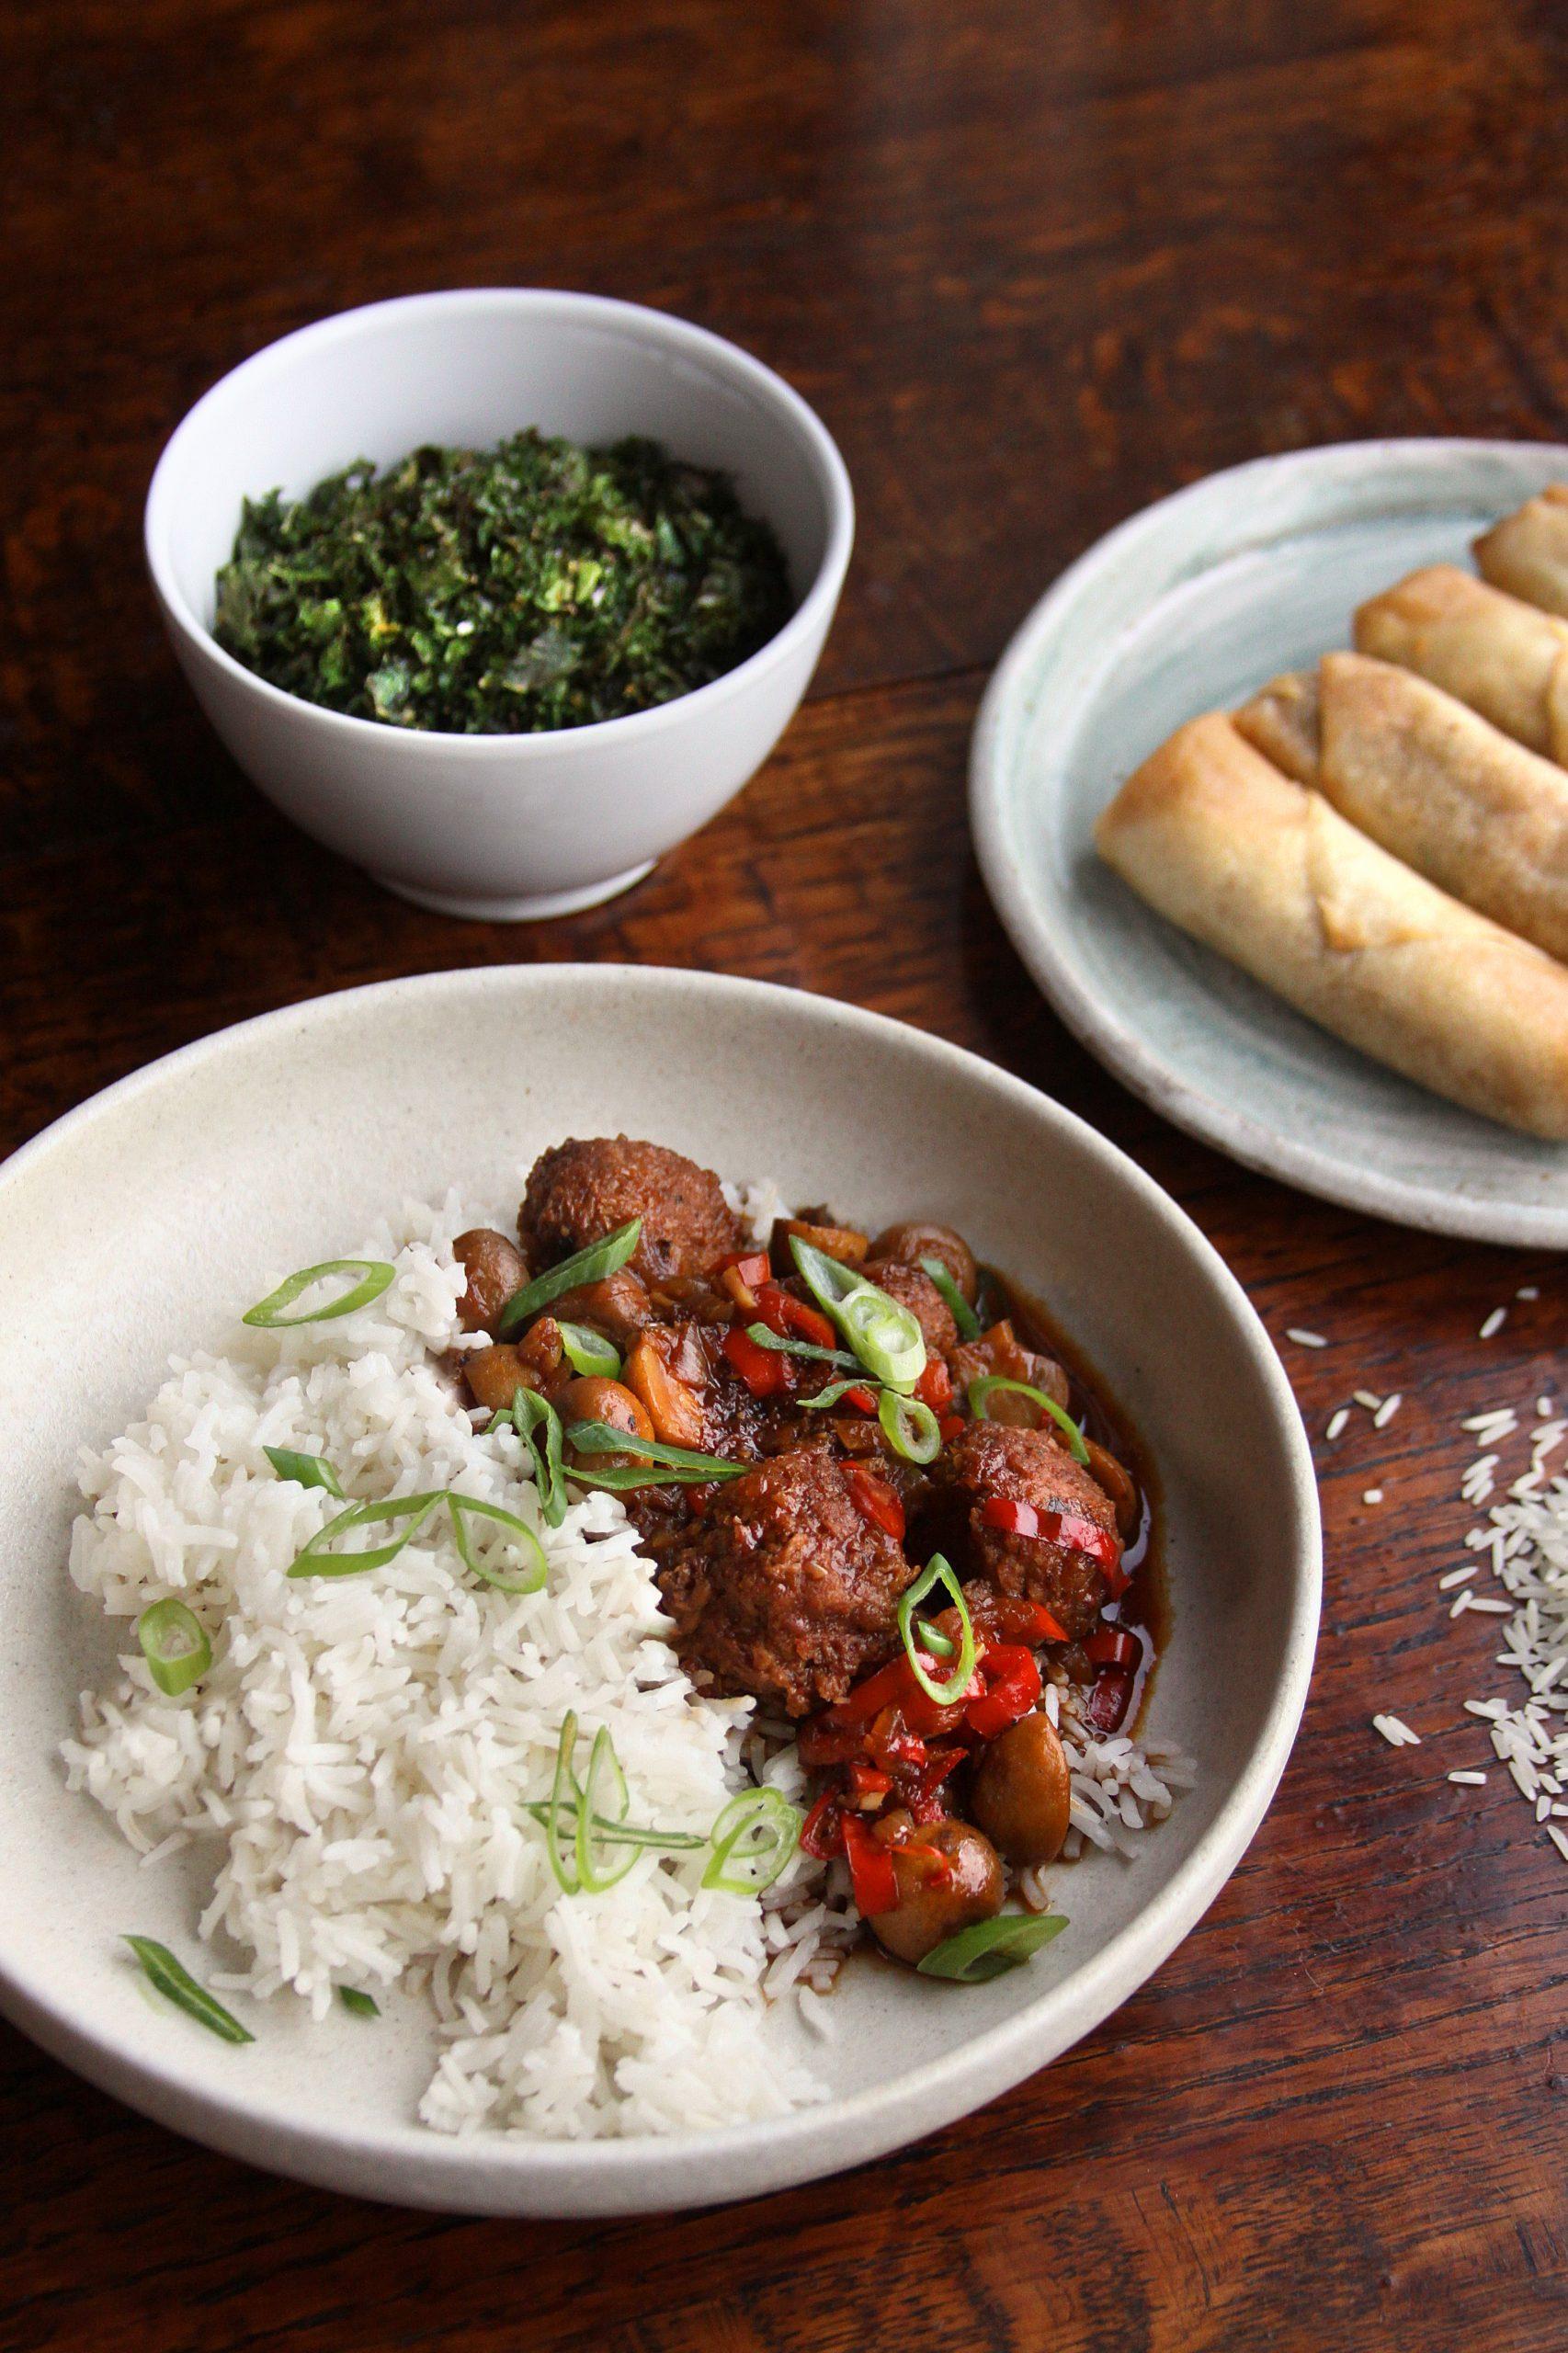 Bowl of black pepper vegan meatballs & mushrooms and rice